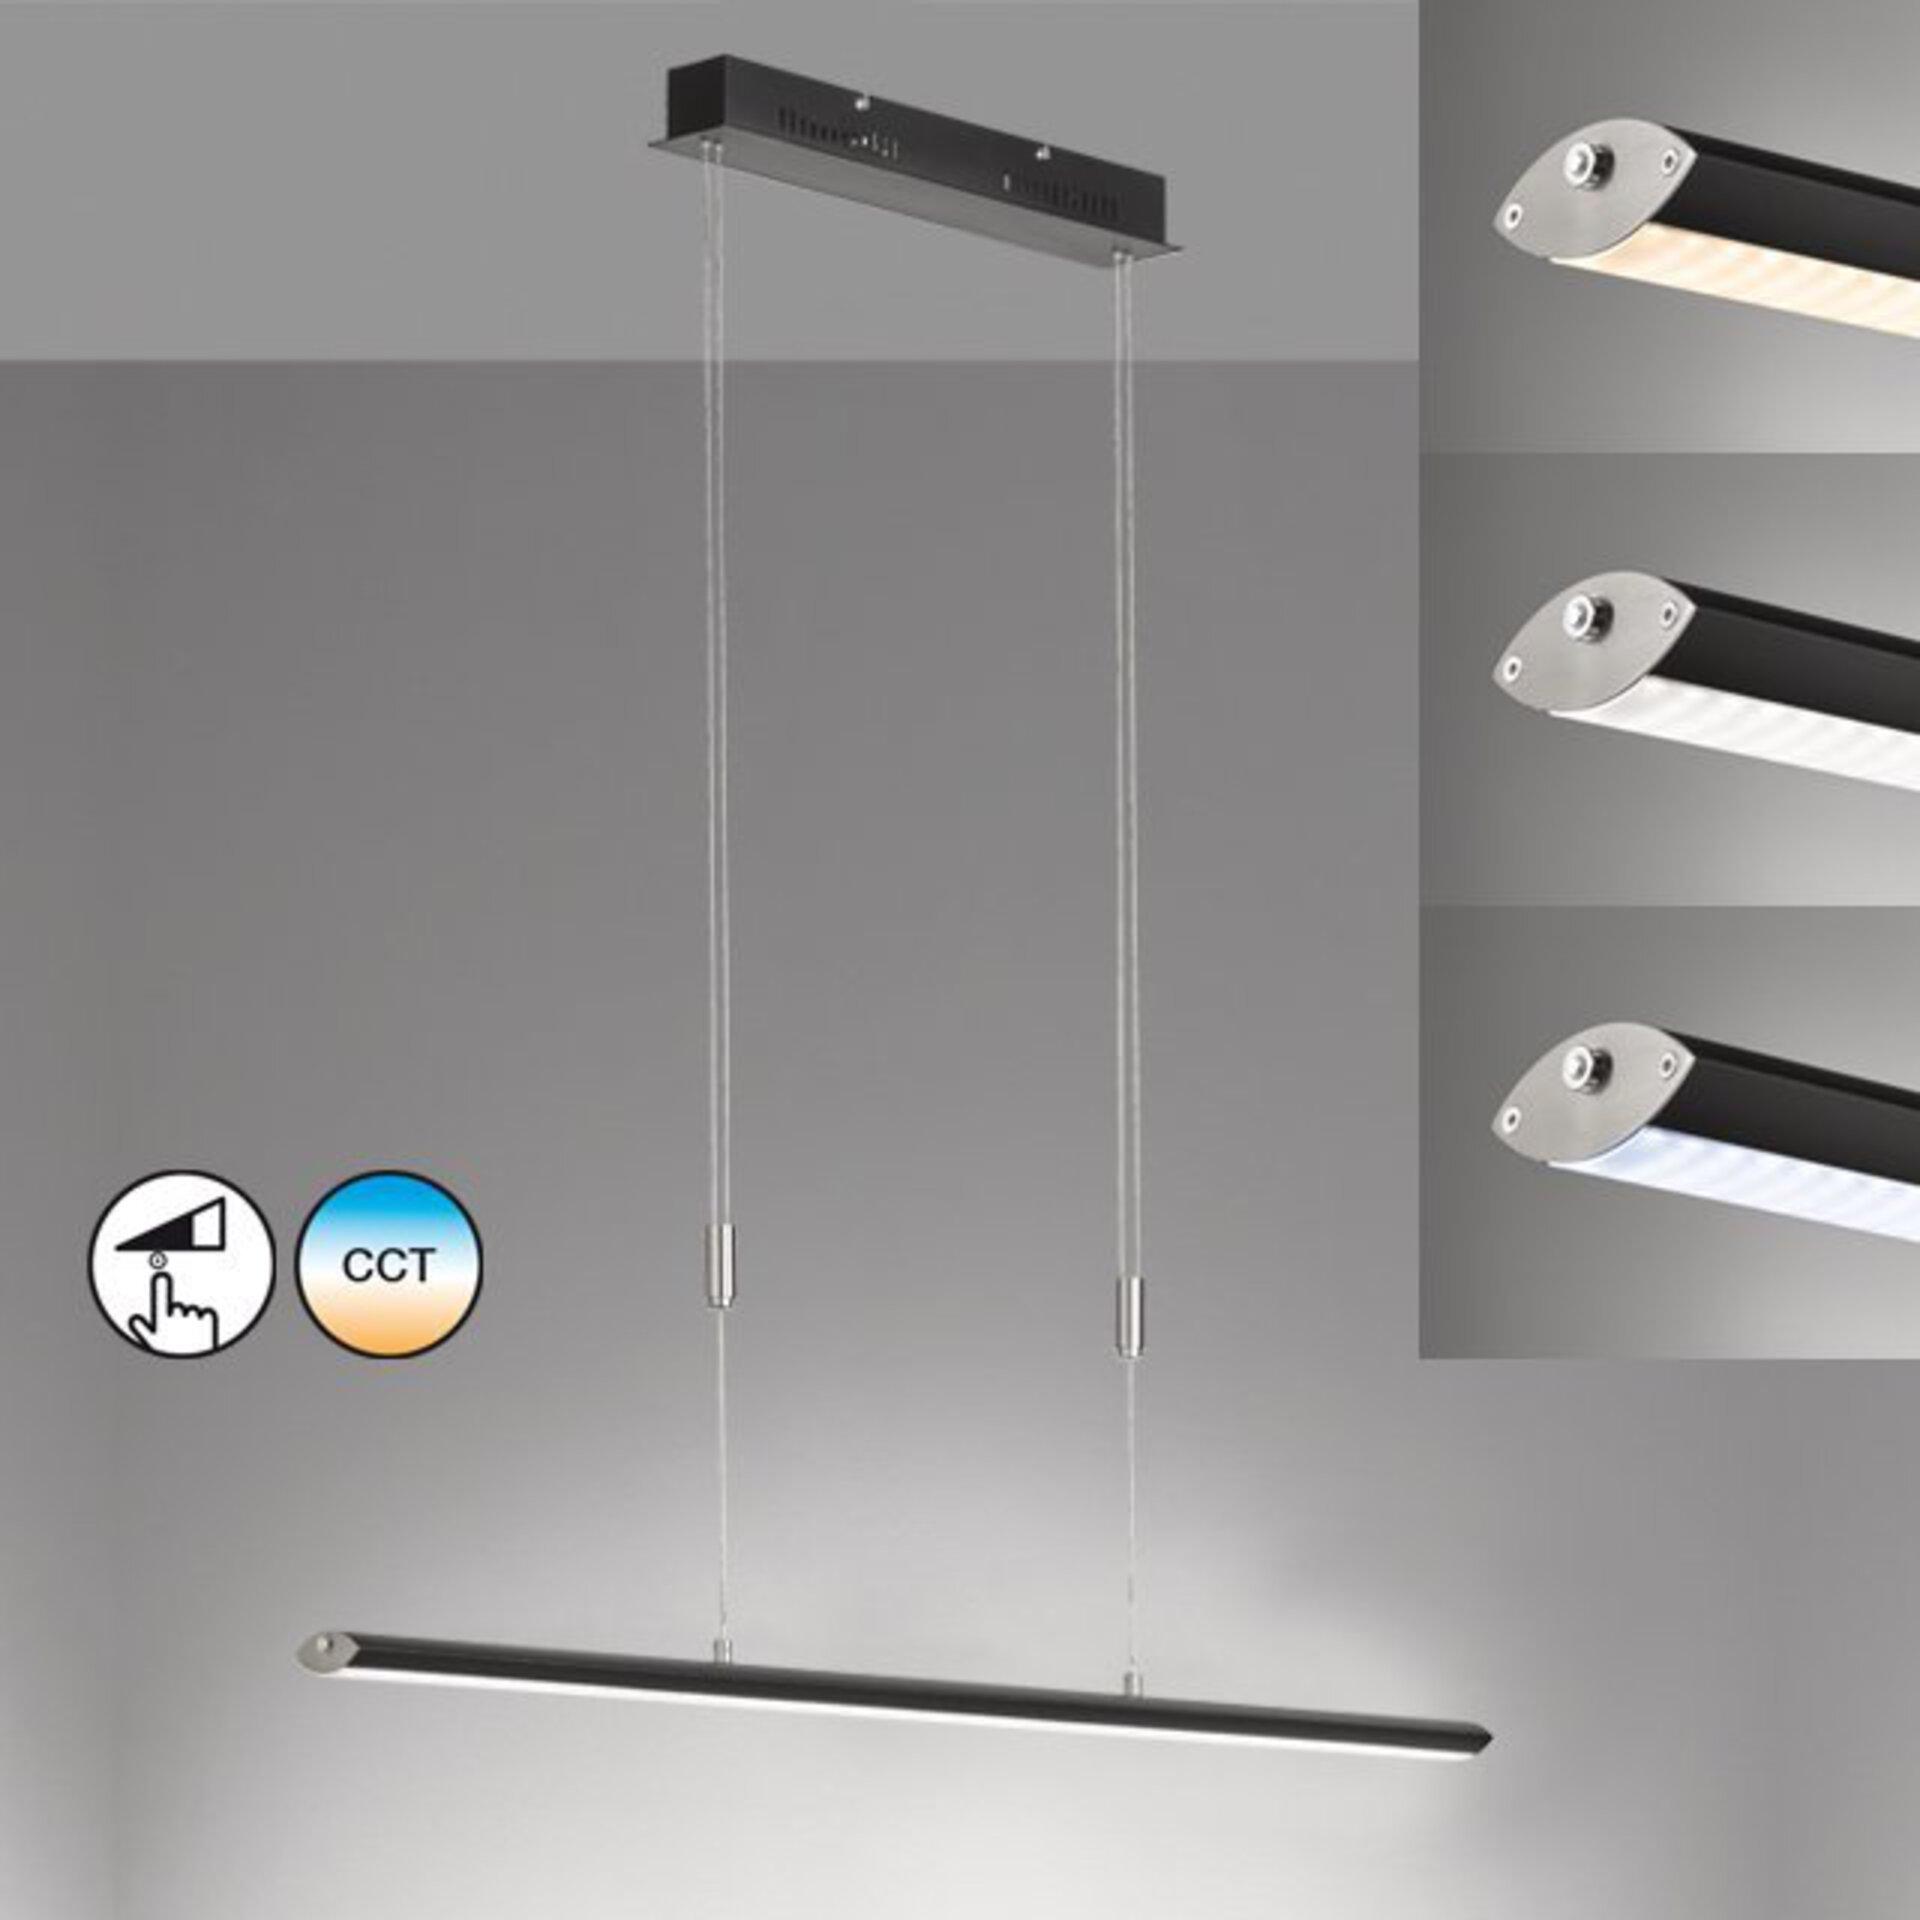 Hängeleuchte Beat TW Fischer-Honsel Metall schwarz 8 x 160 x 85 cm